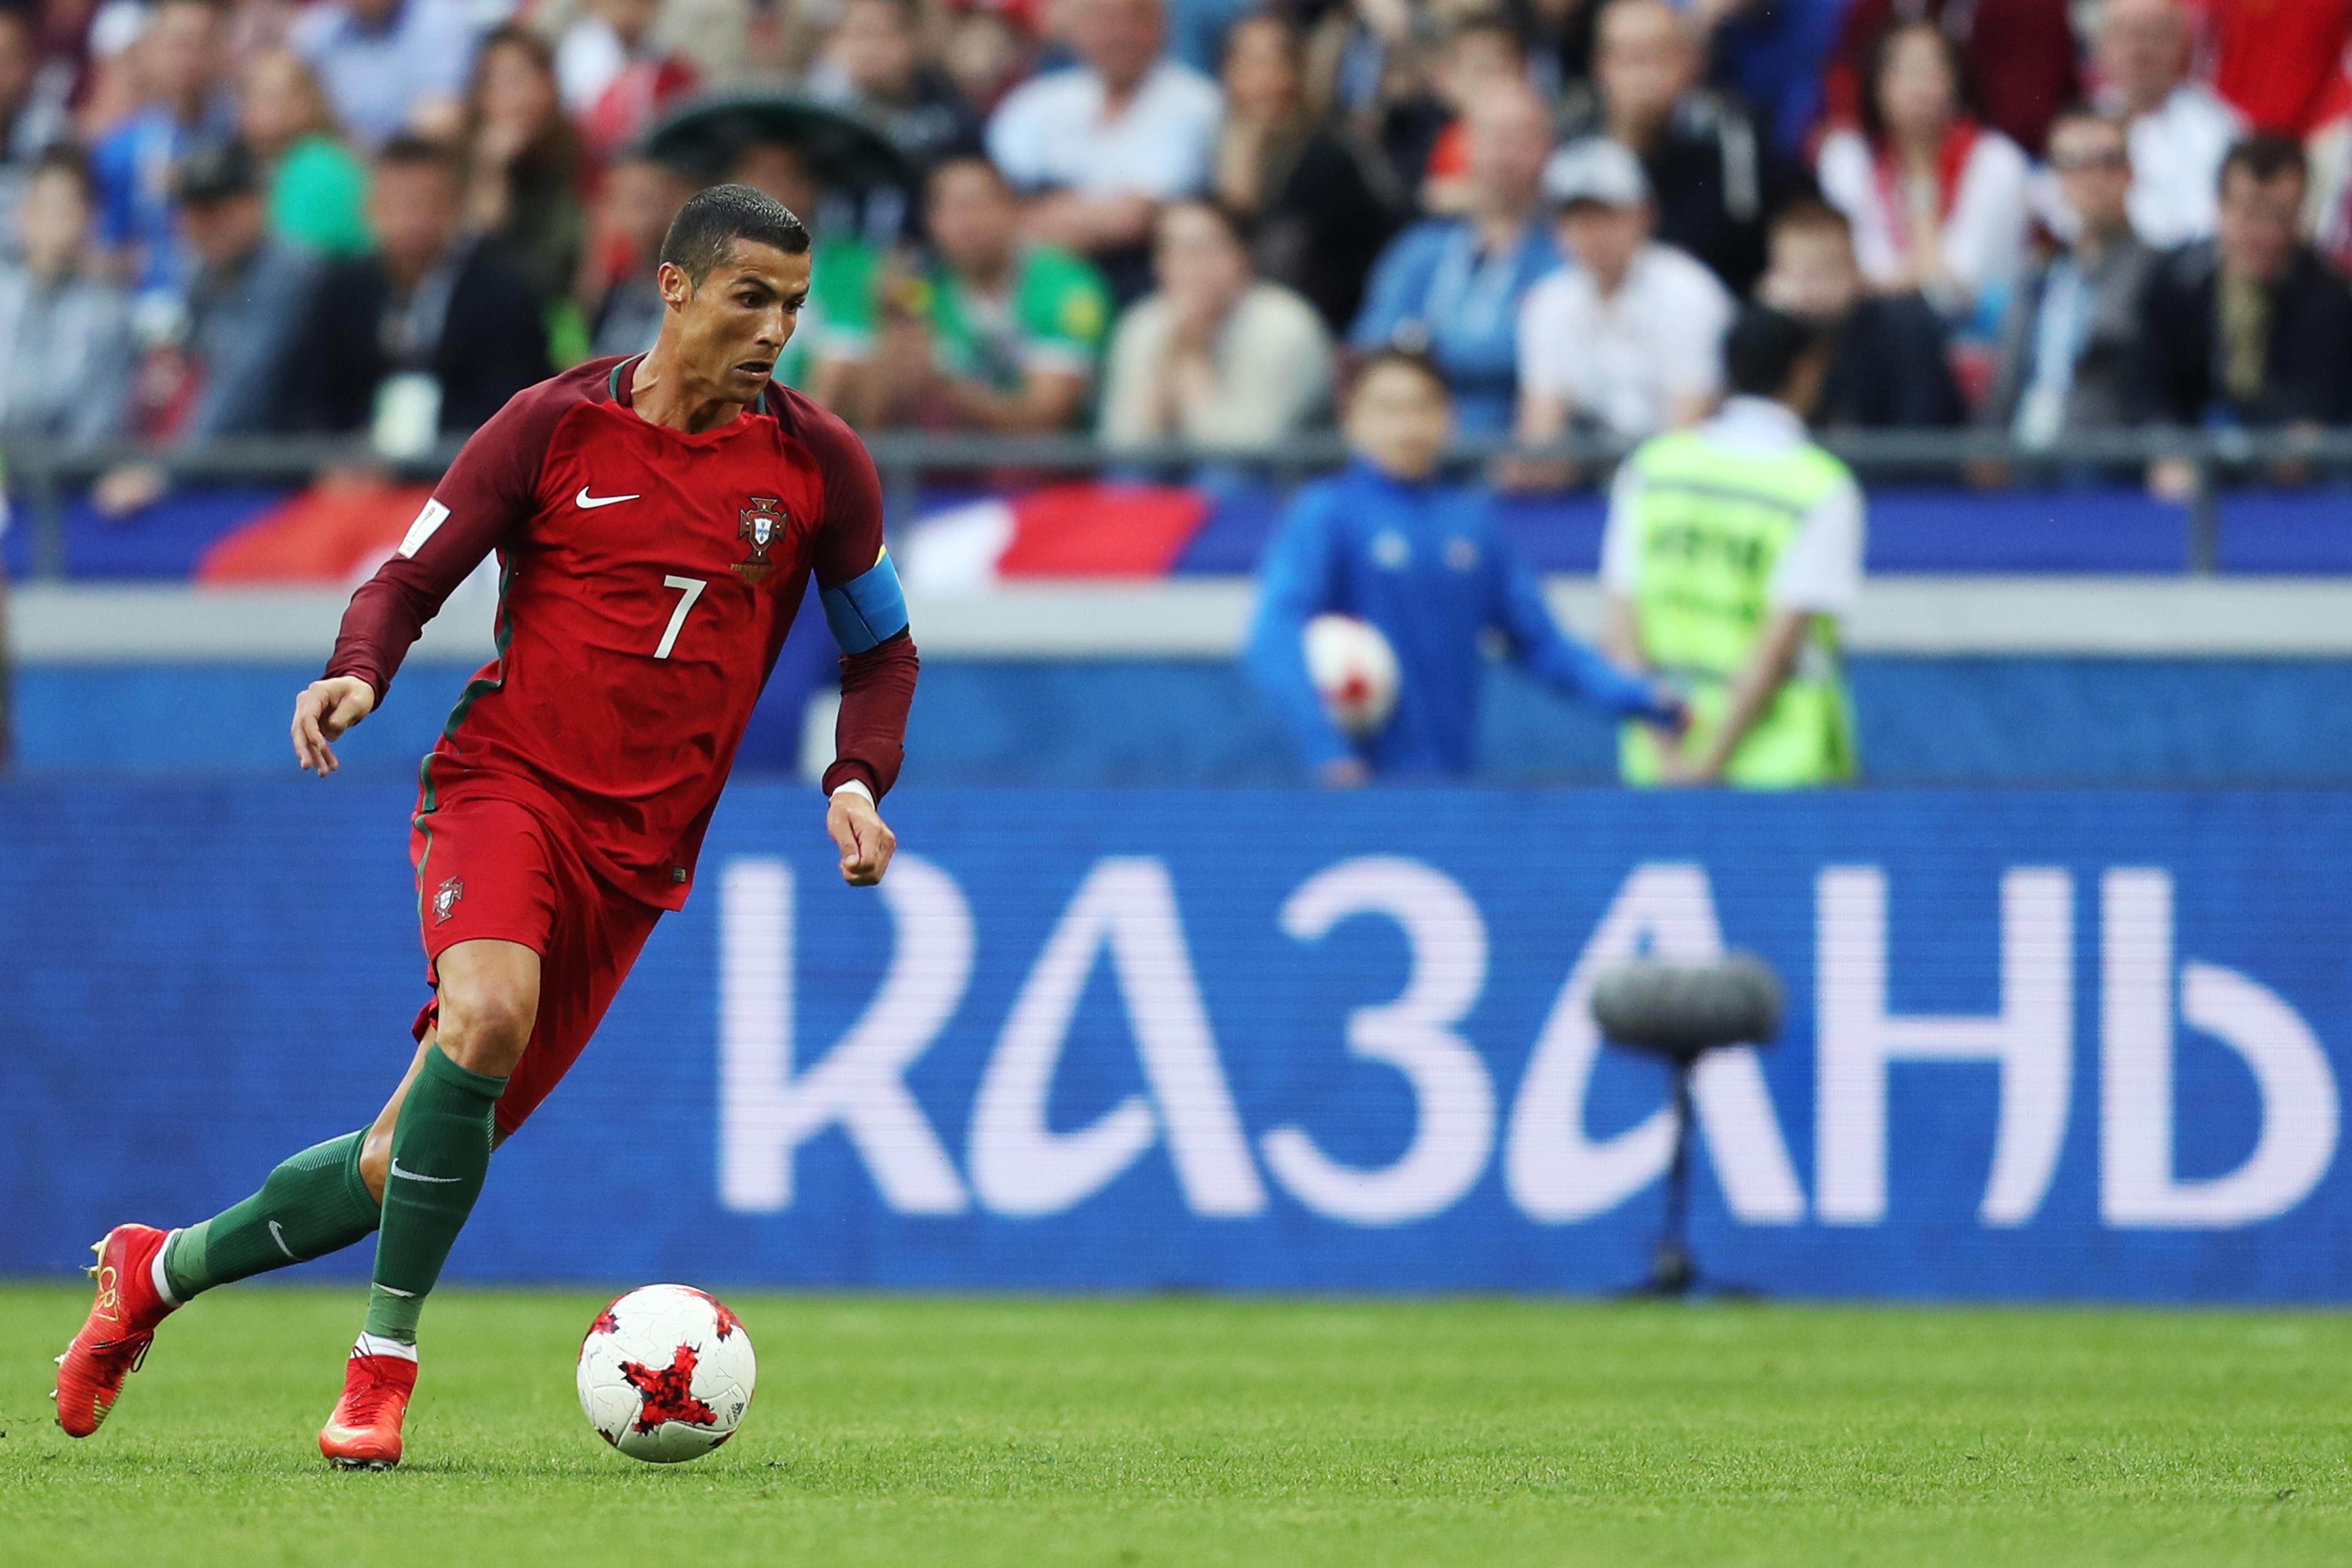 Ставки на футбол на Маритиму – Морейренси. Ставки на чемпионат Португалии, 15 Апреля 2018